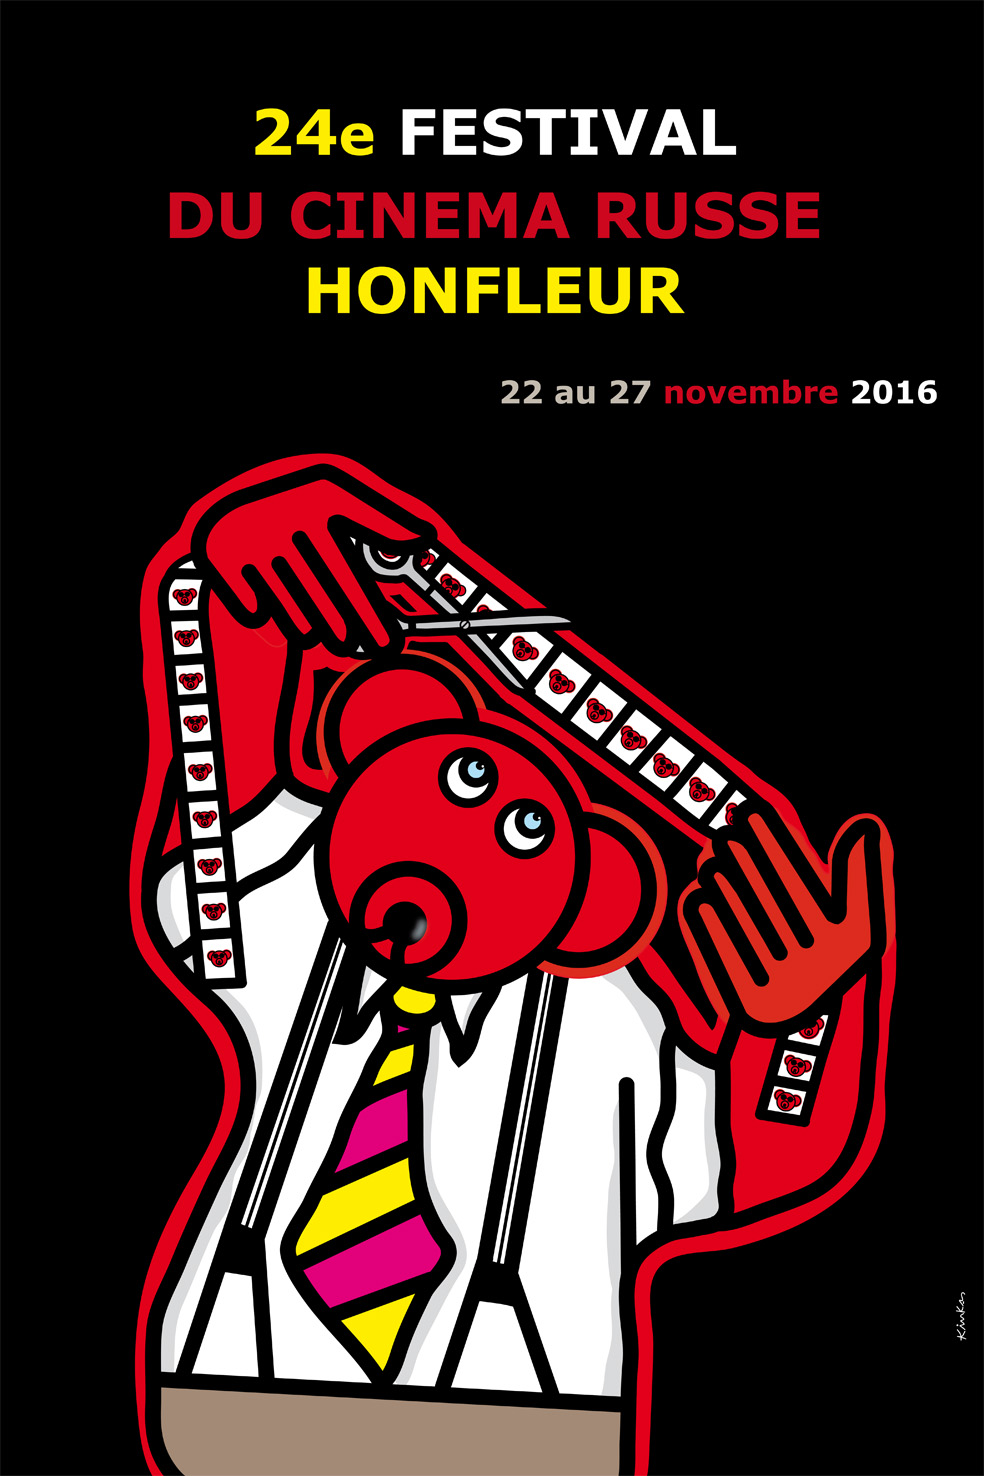 fh-2015-affiche